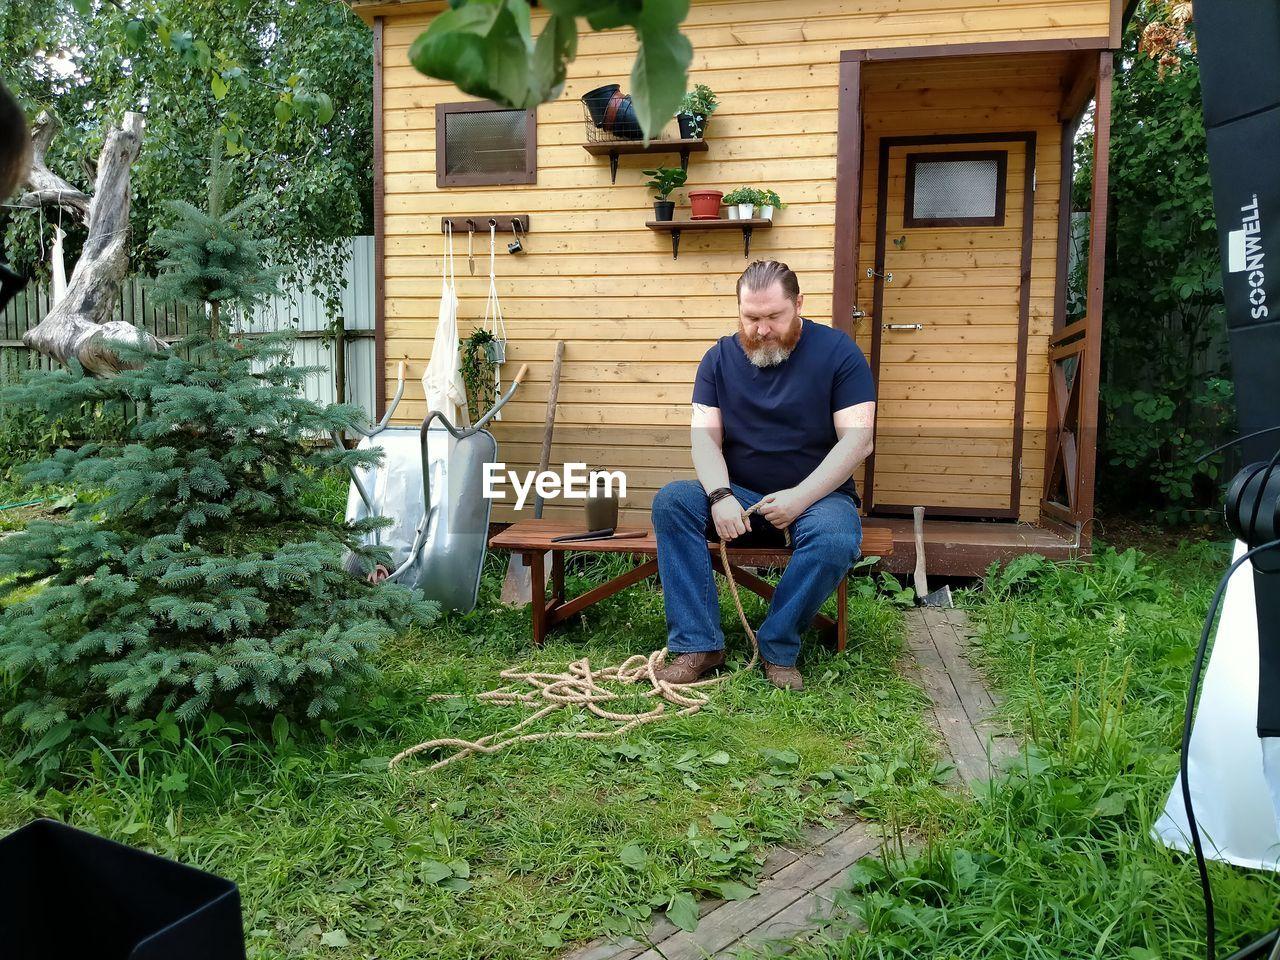 MAN SITTING IN YARD